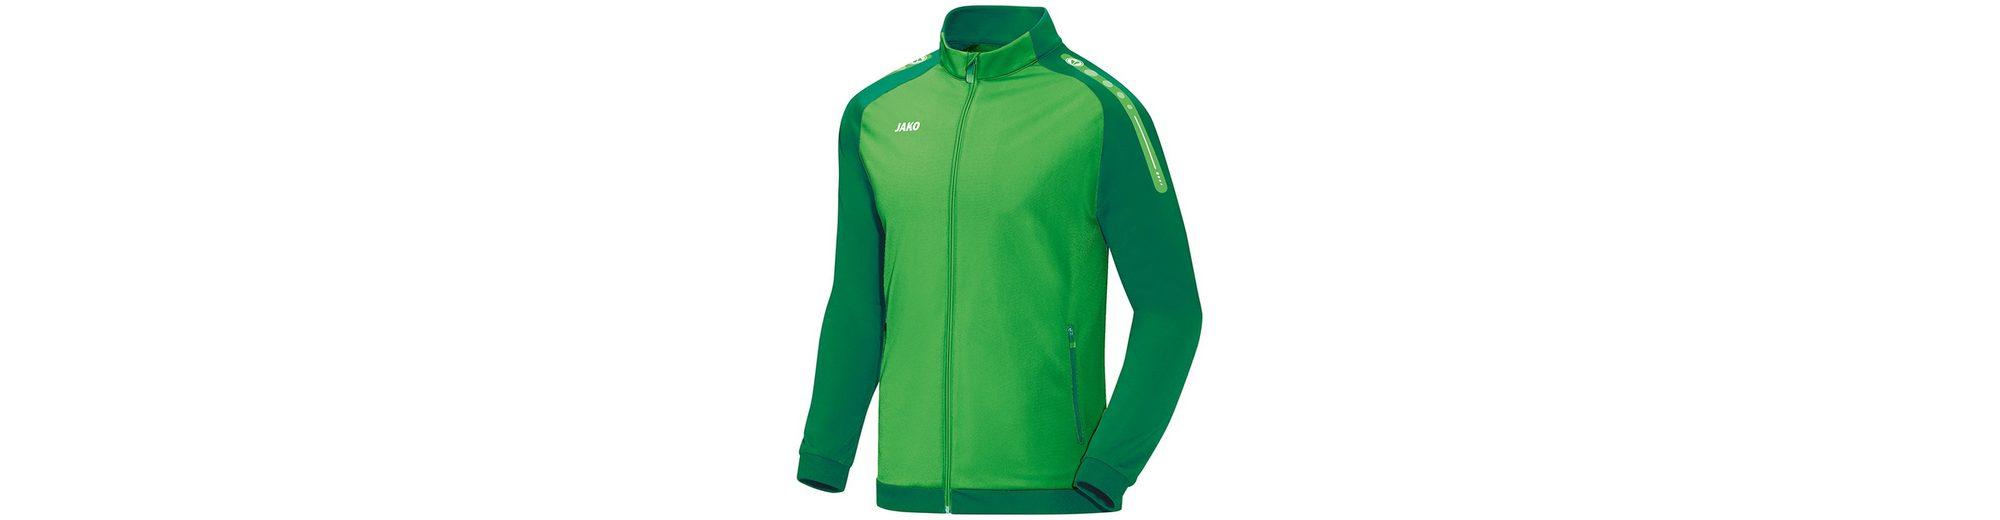 JAKO Champ Polyesterjacke Herren Auslass Heißen Verkauf Neueste Zum Verkauf Ebay Zum Verkauf Auslasszwischenraum Store tB5zZ0c5c